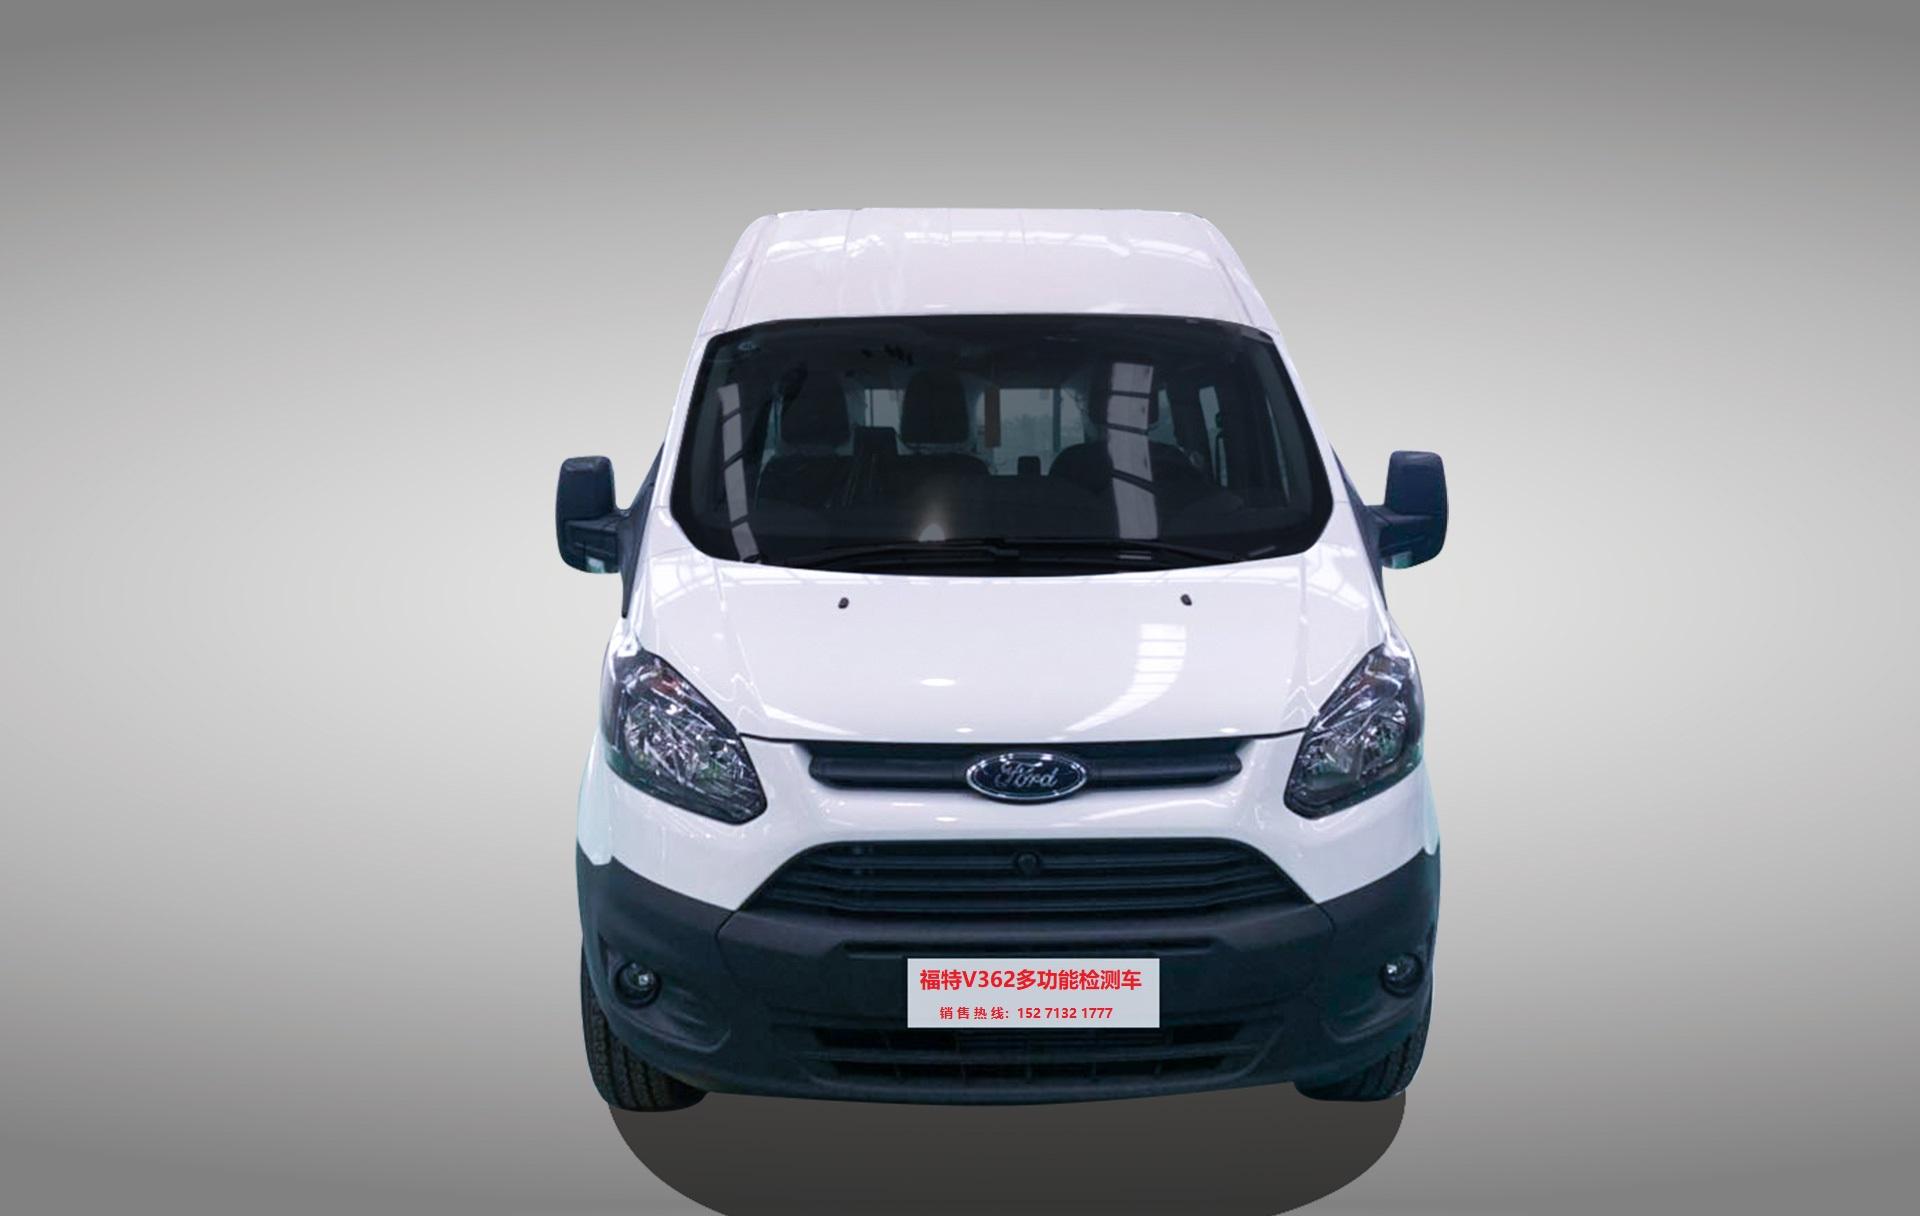 福特V362多功能检测车销售15271321777 (2)